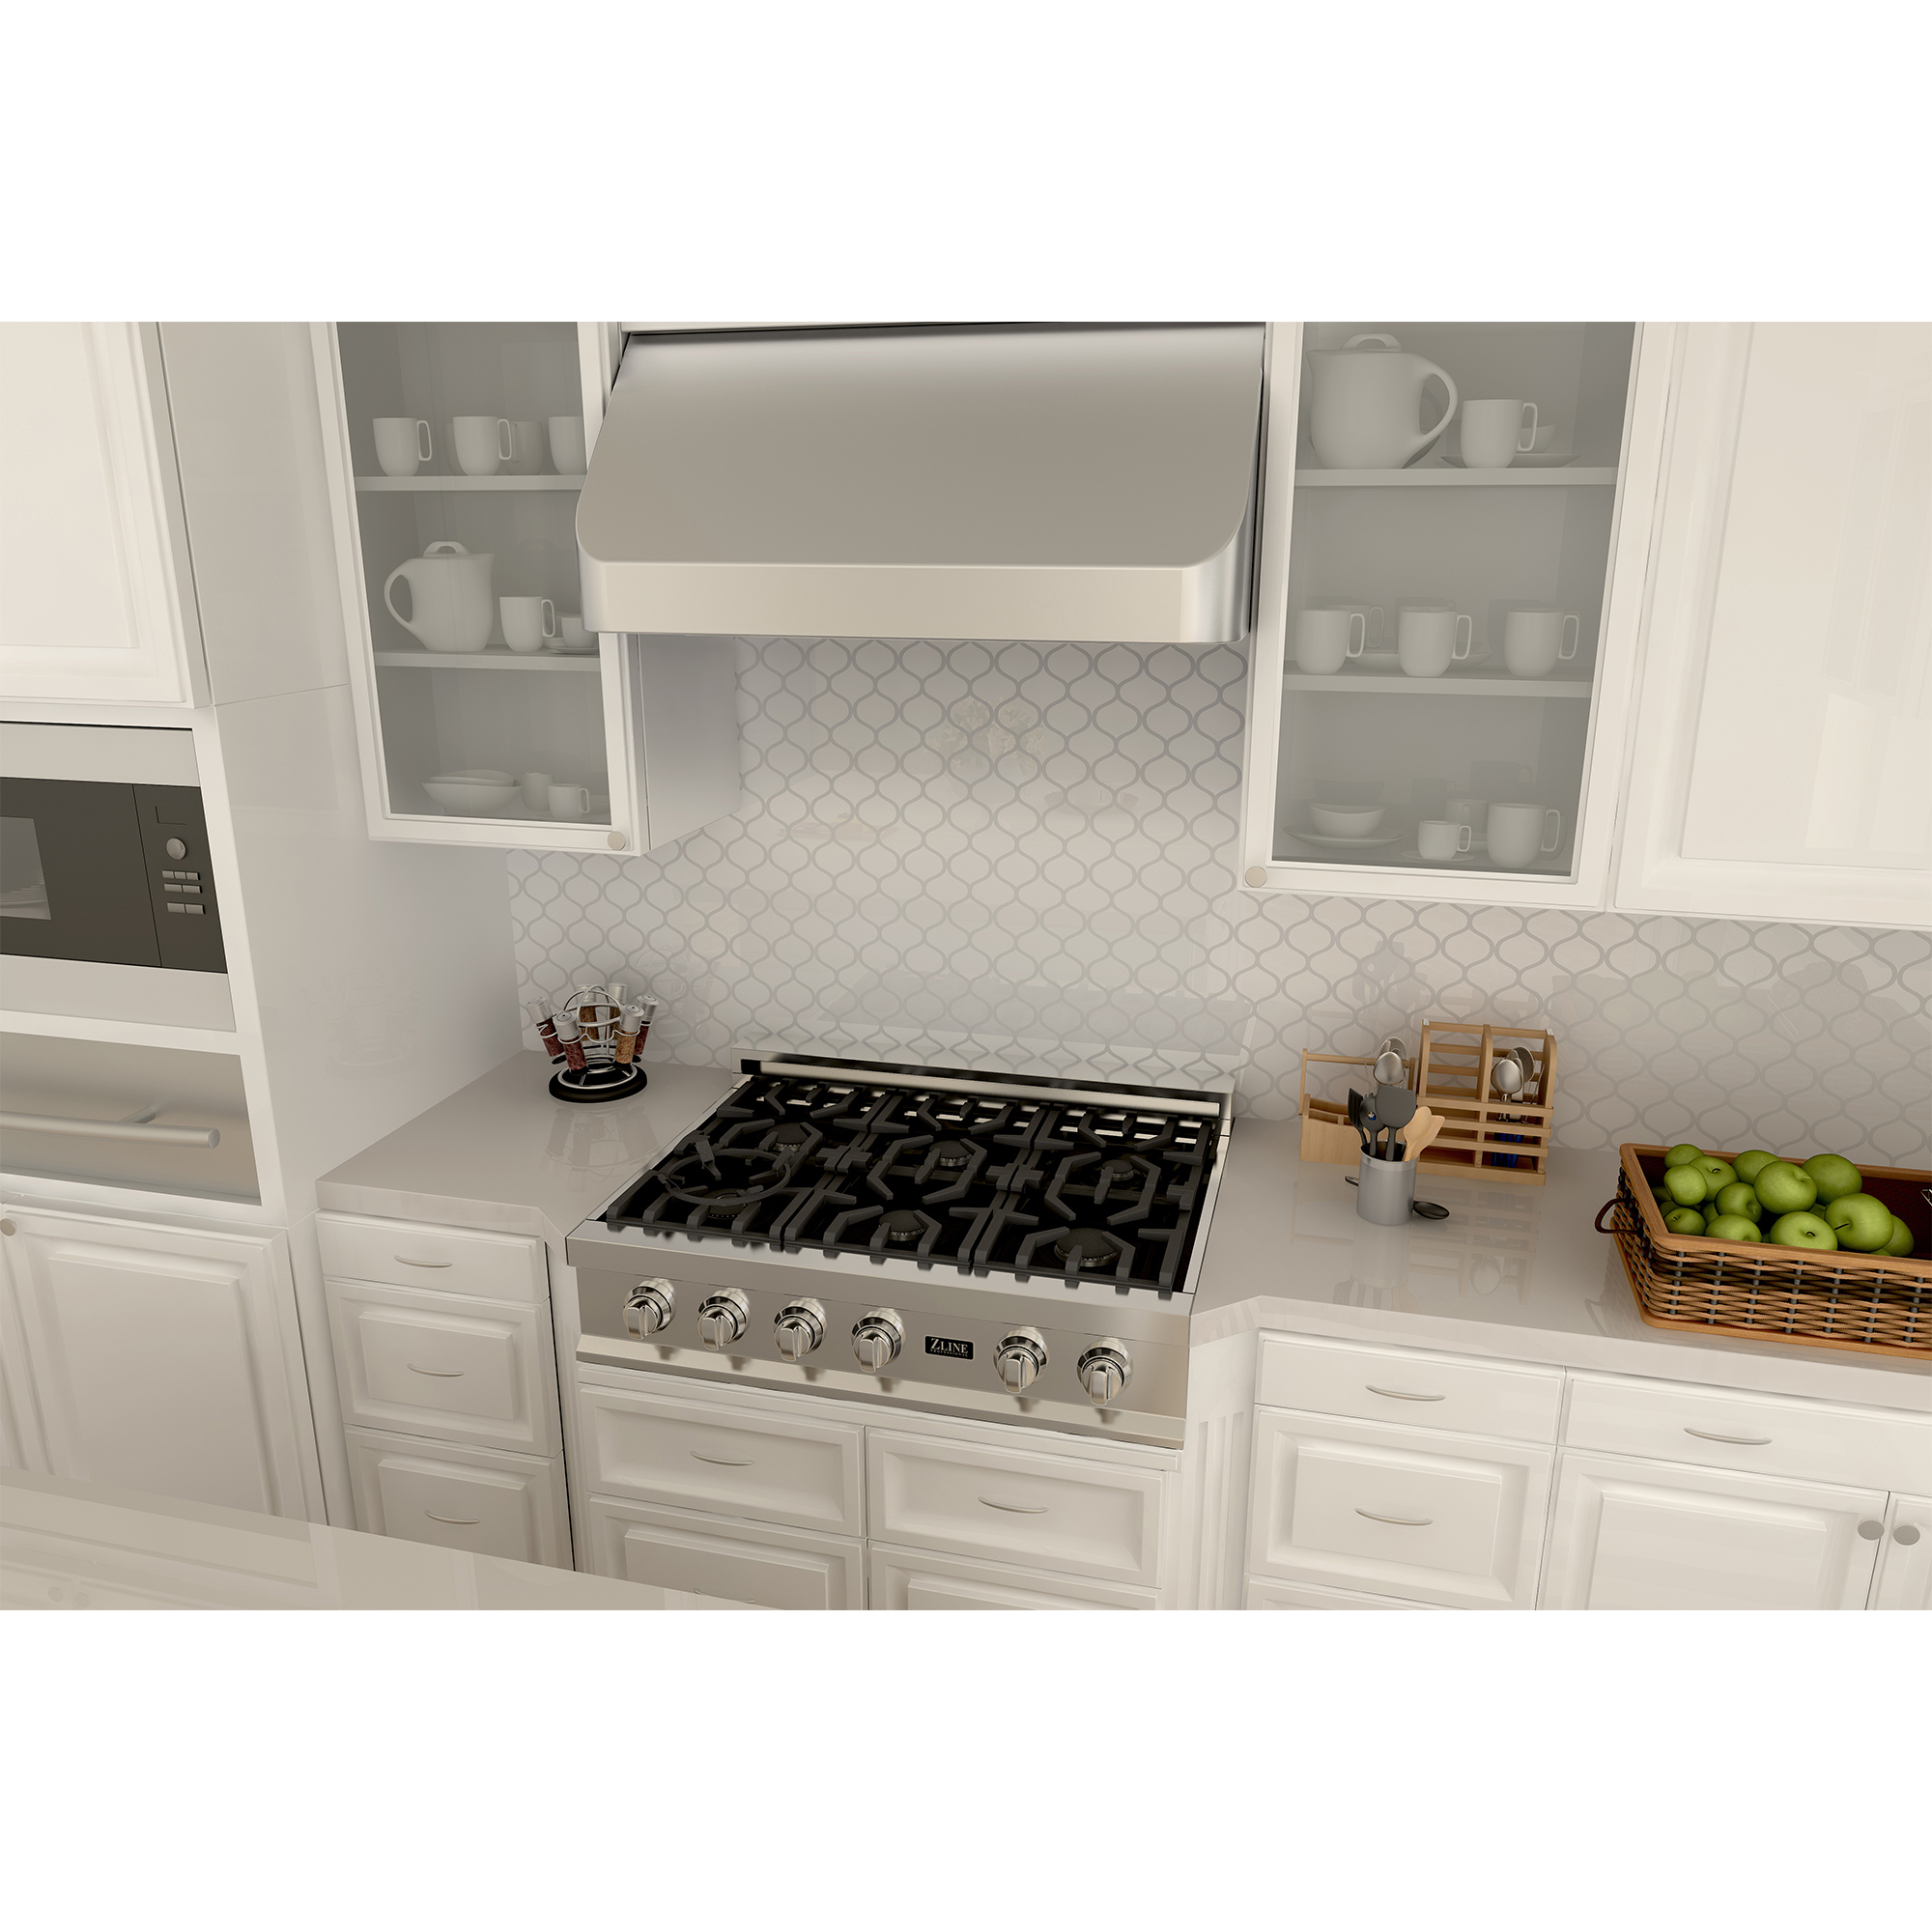 zline-stainless-steel-under-cabinet-range-hood-520-kitchen-updated-2.jpg